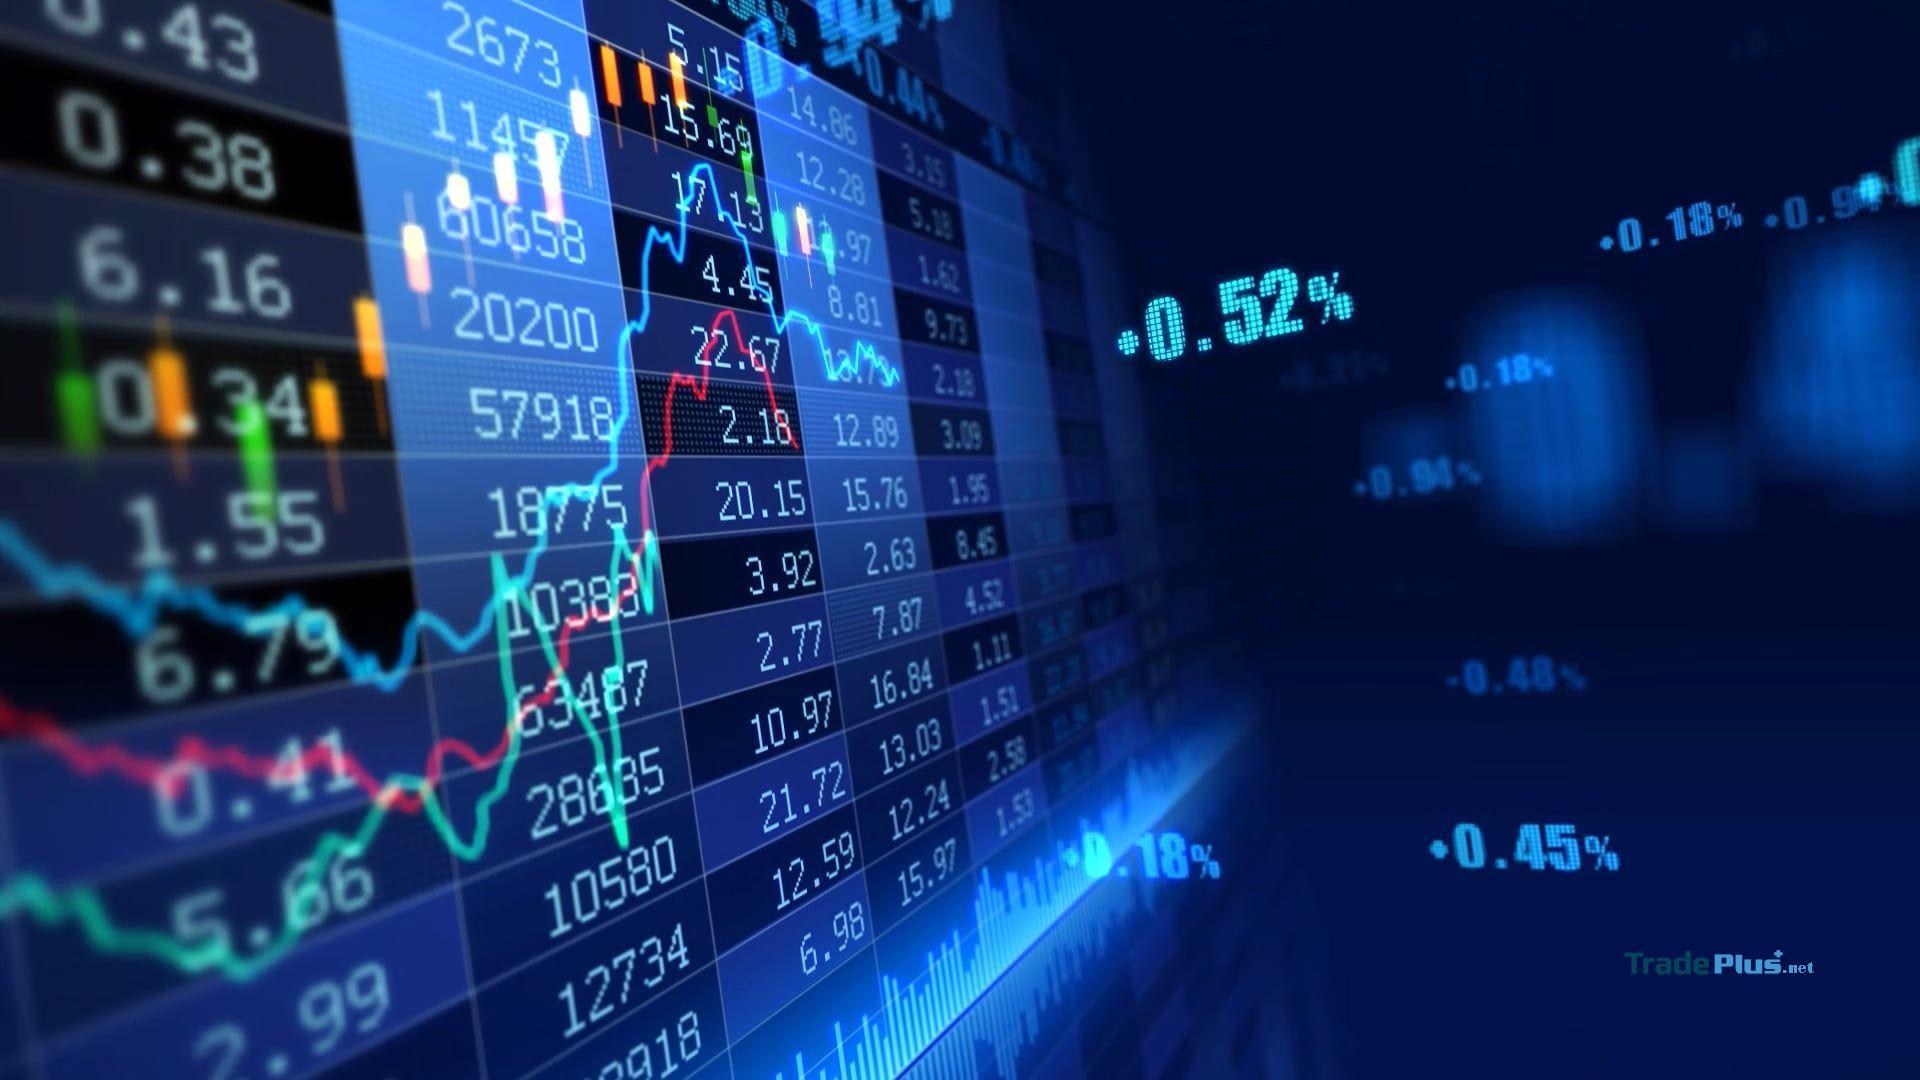 Khái niệm thị trường ngoại hối bạn cần biết